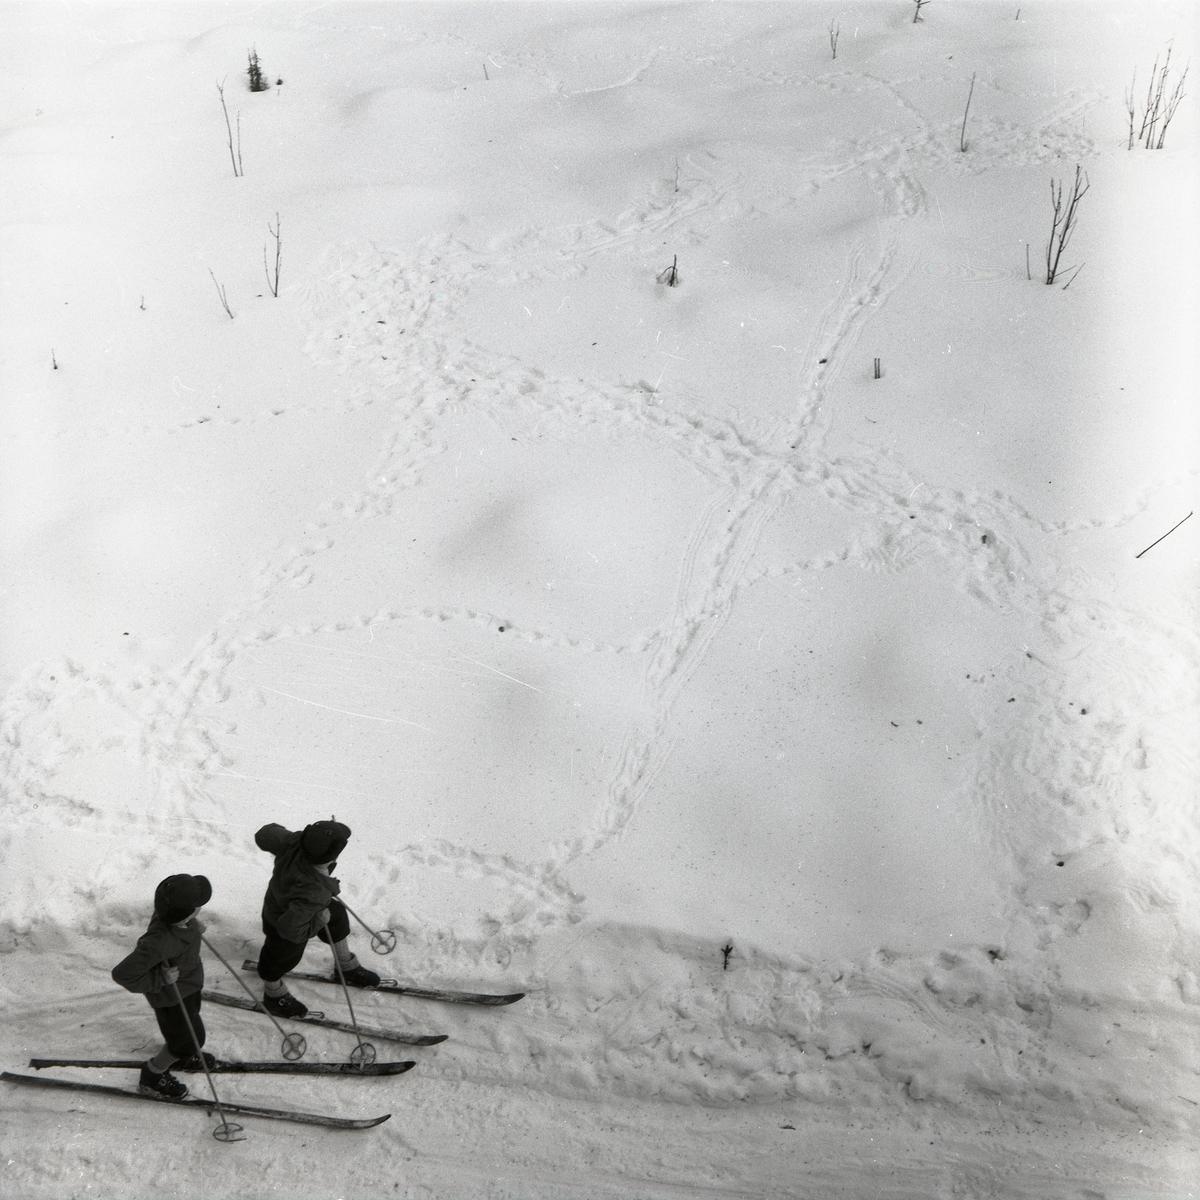 Två skidåkare tittar på orrspår i snön vid Degeln, 10 april 1955.